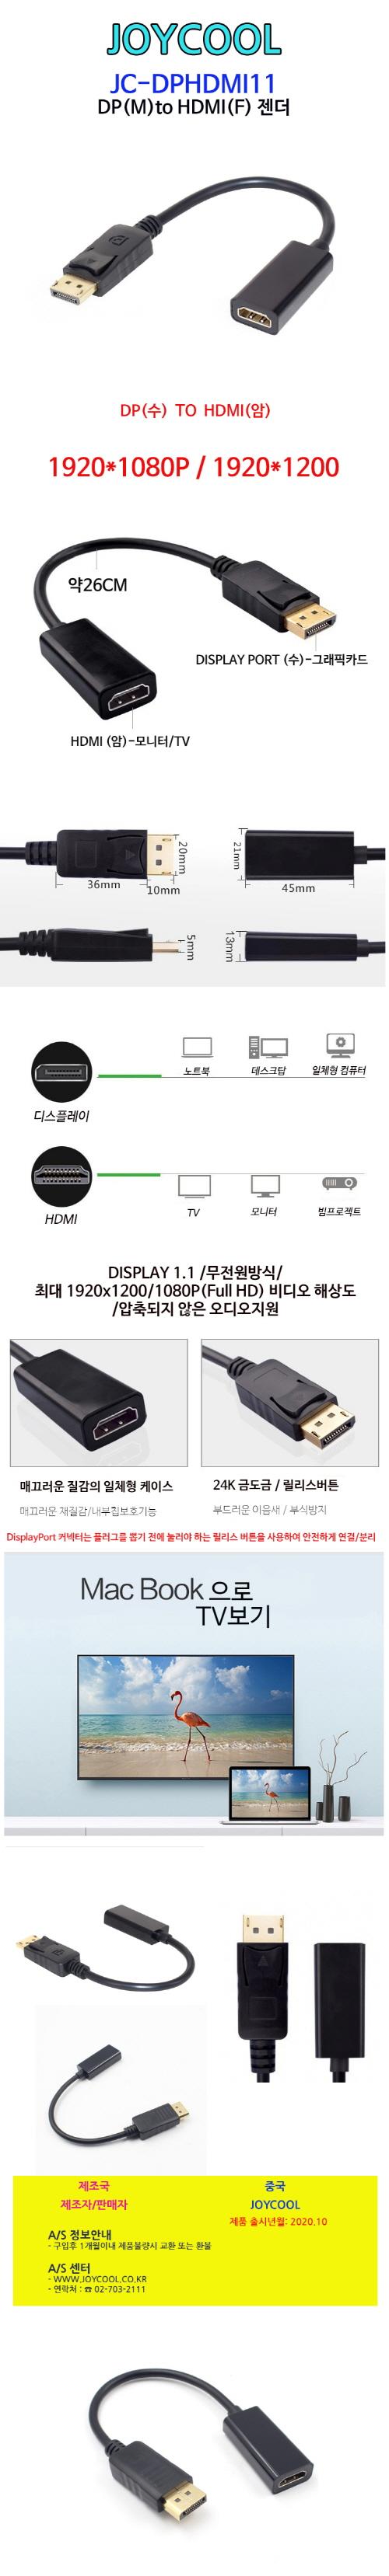 조이쿨 DP to HDMI 변환 젠더 (JC-DPHDMI11)